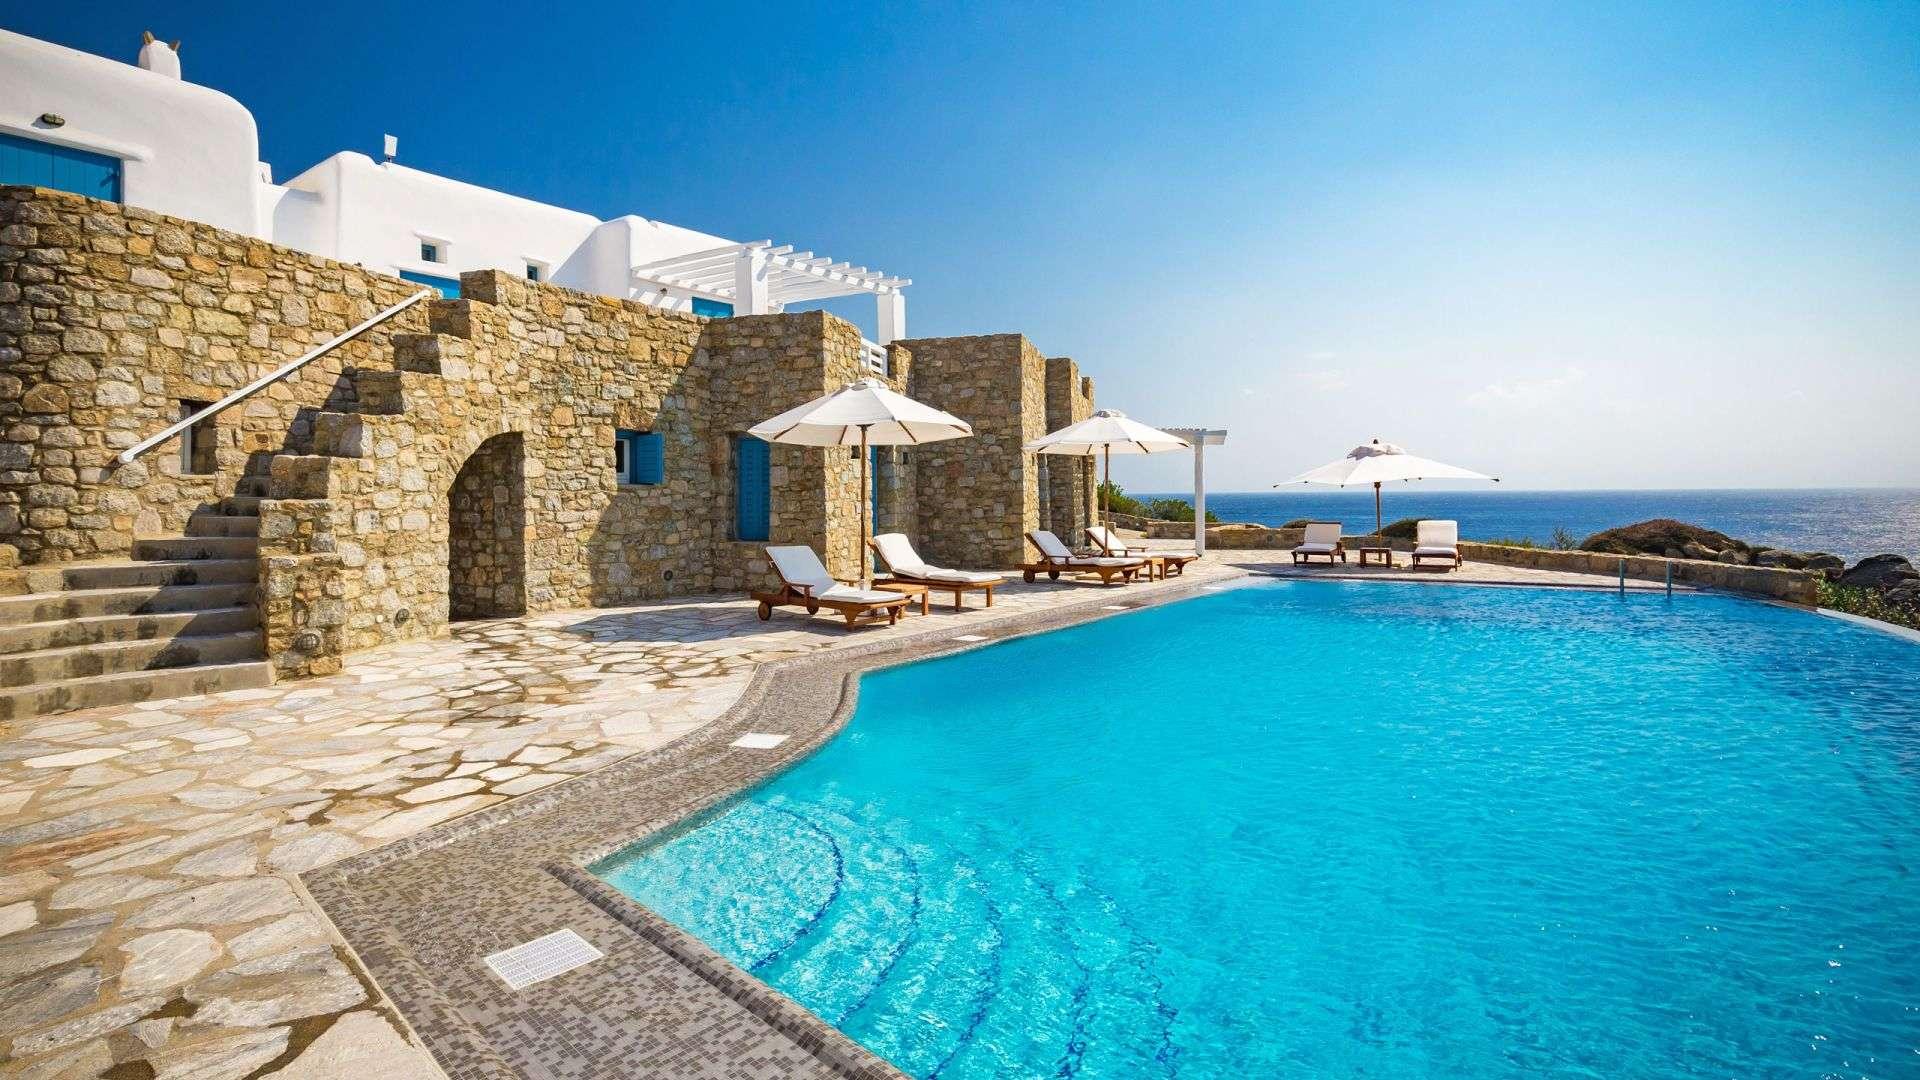 Luxury vacation rentals europe - Greece - Mykonos - Agios lazaros - Eros - Image 1/23